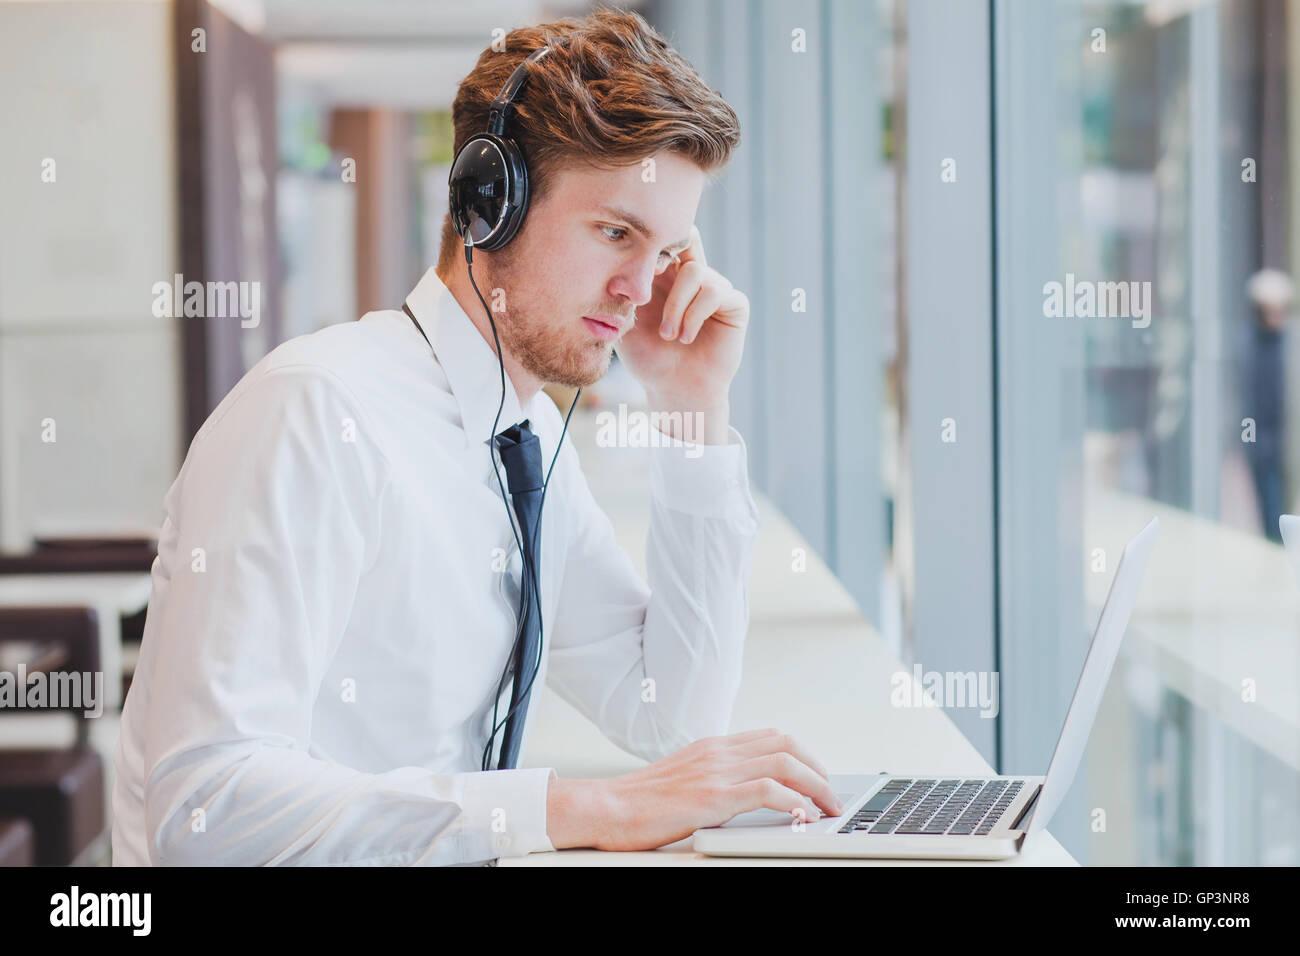 Imprenditore nel lavoro delle cuffie con il computer portatile in una moderna caffetteria interno Immagini Stock